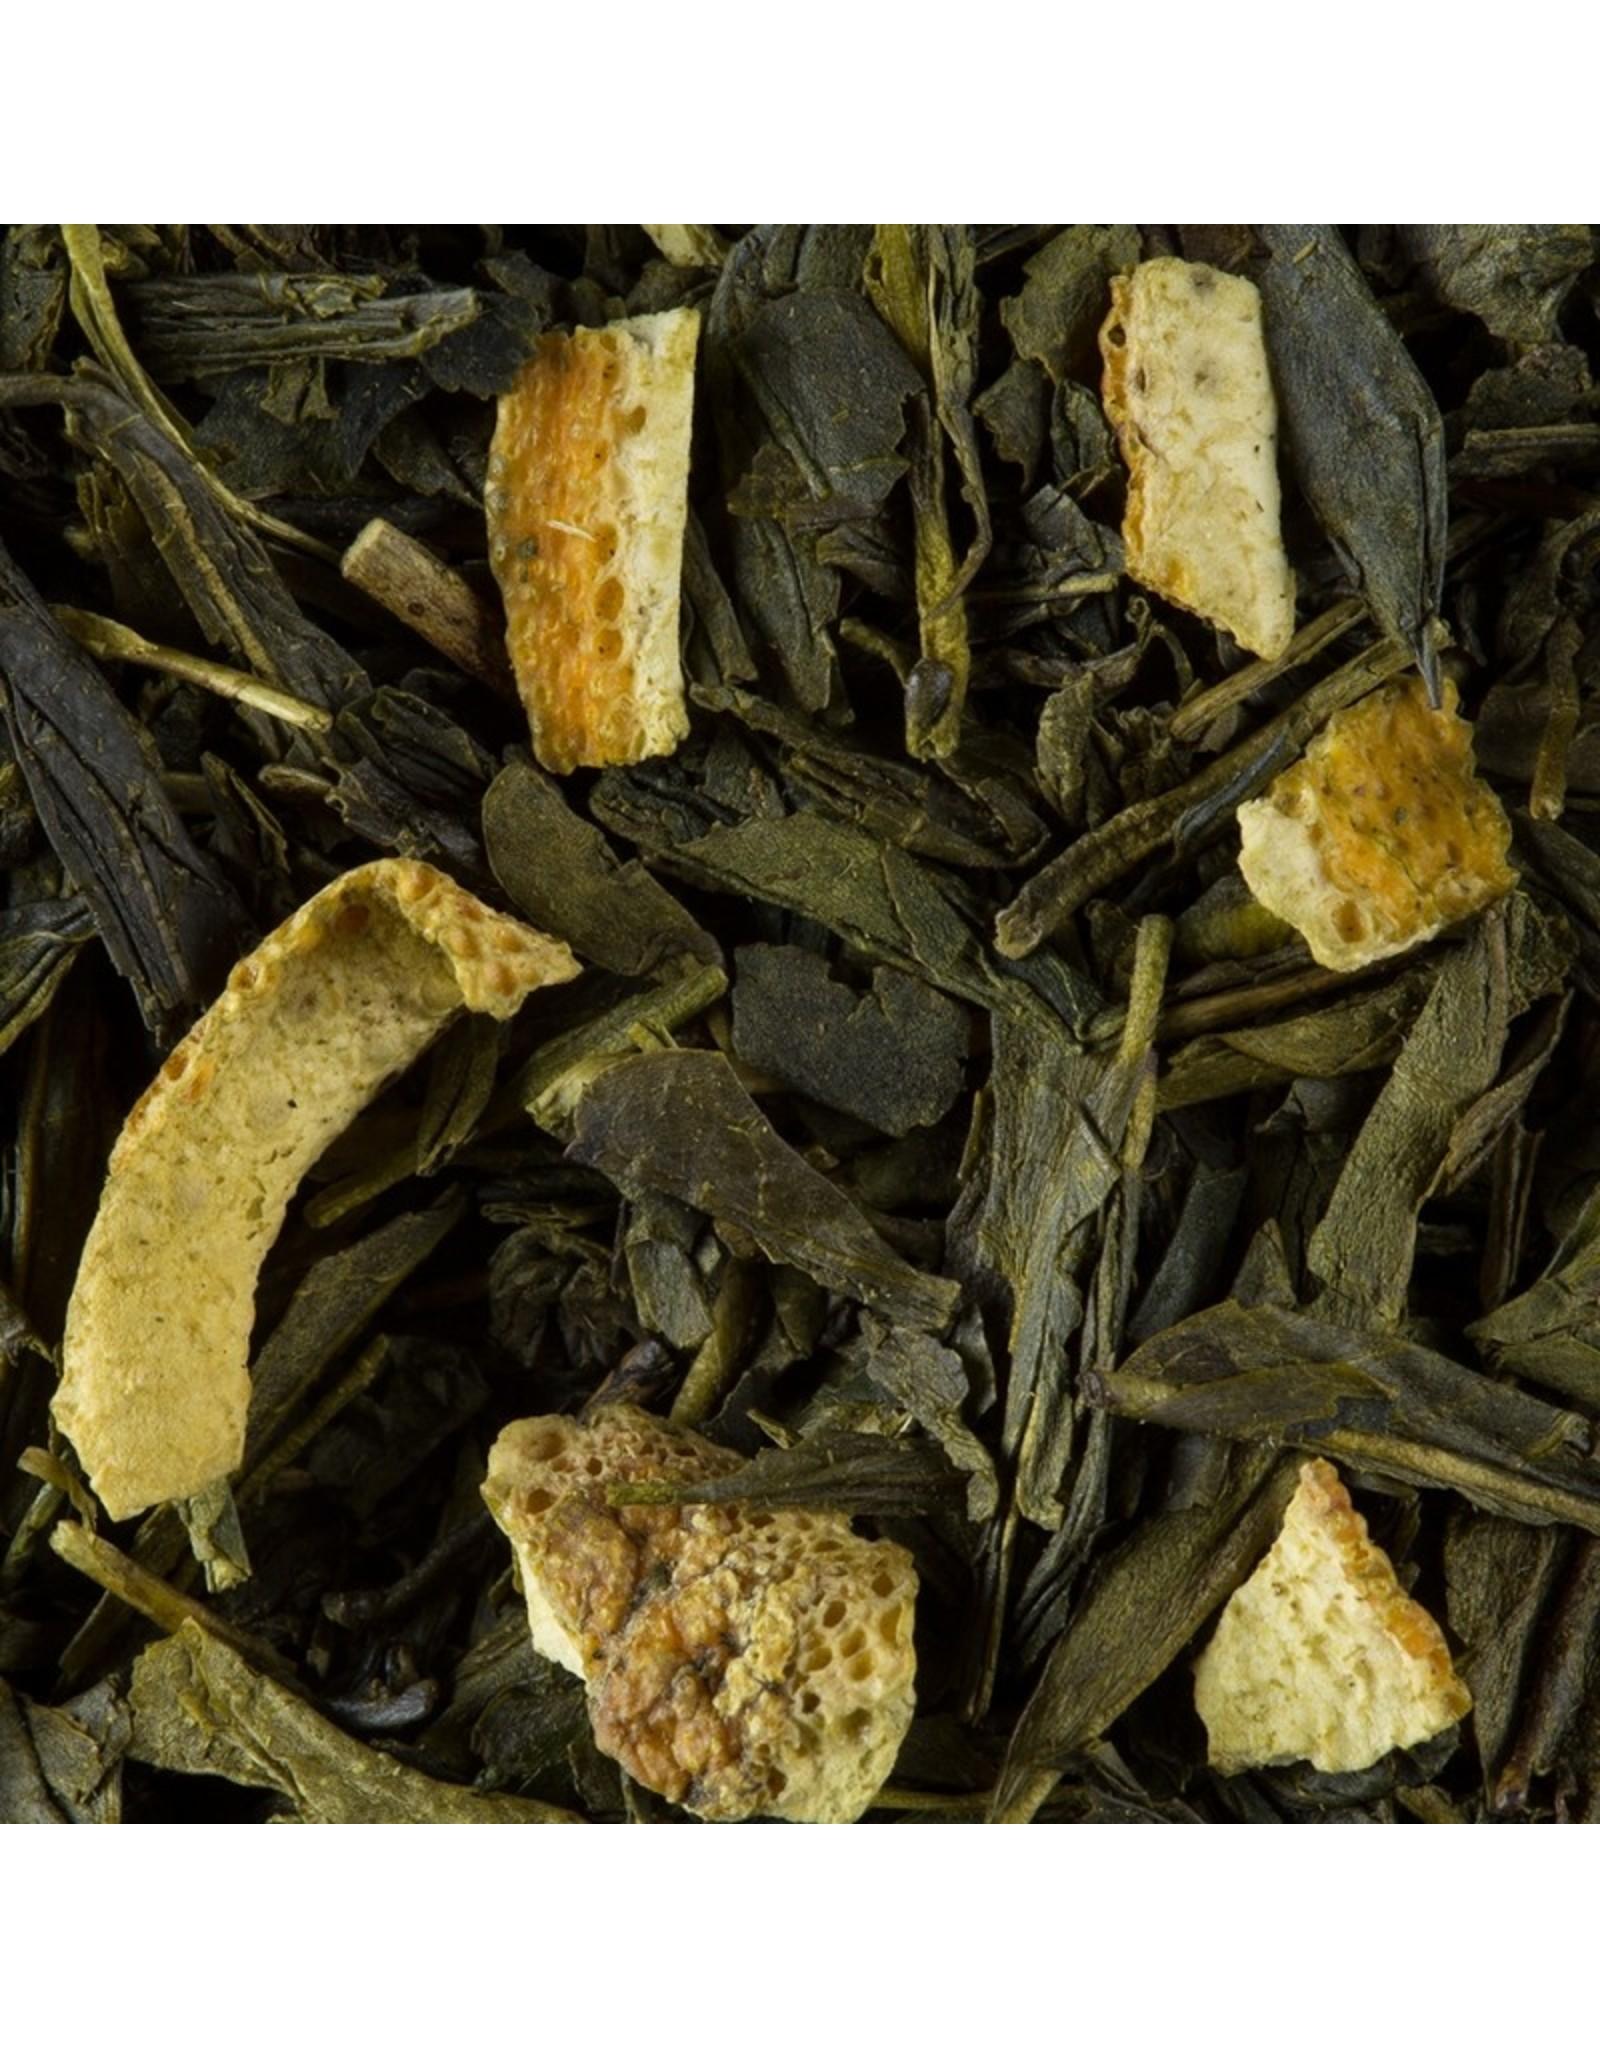 Dammann 'Soleil Vert' Flavoured Green tea